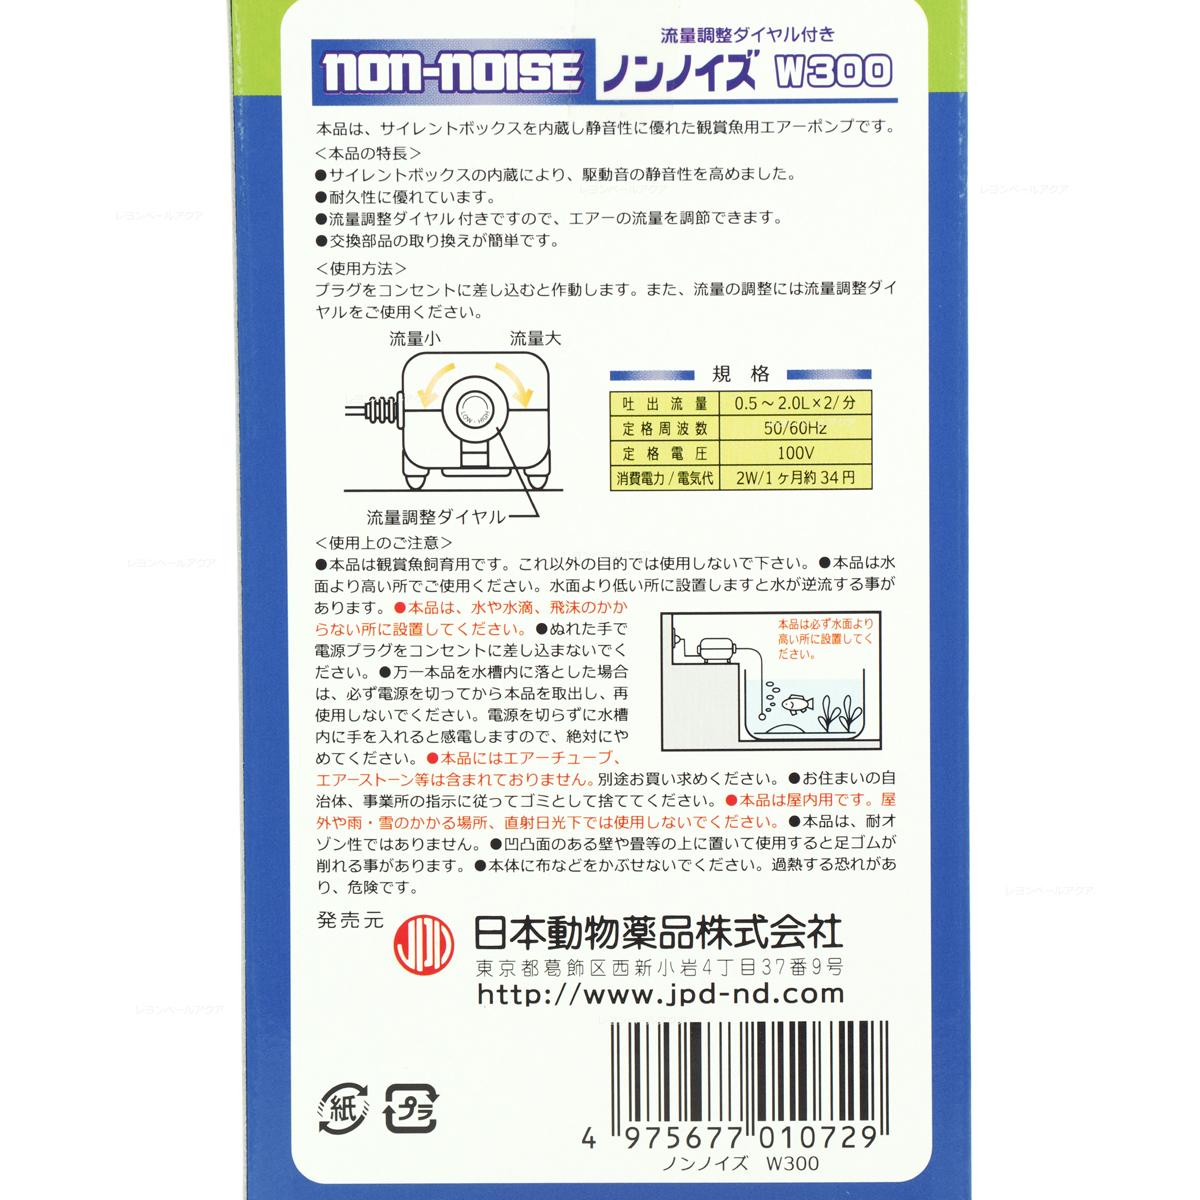 日本動物薬品 ノンノイズ W300【日本製】 【在庫有り】「2点まで」